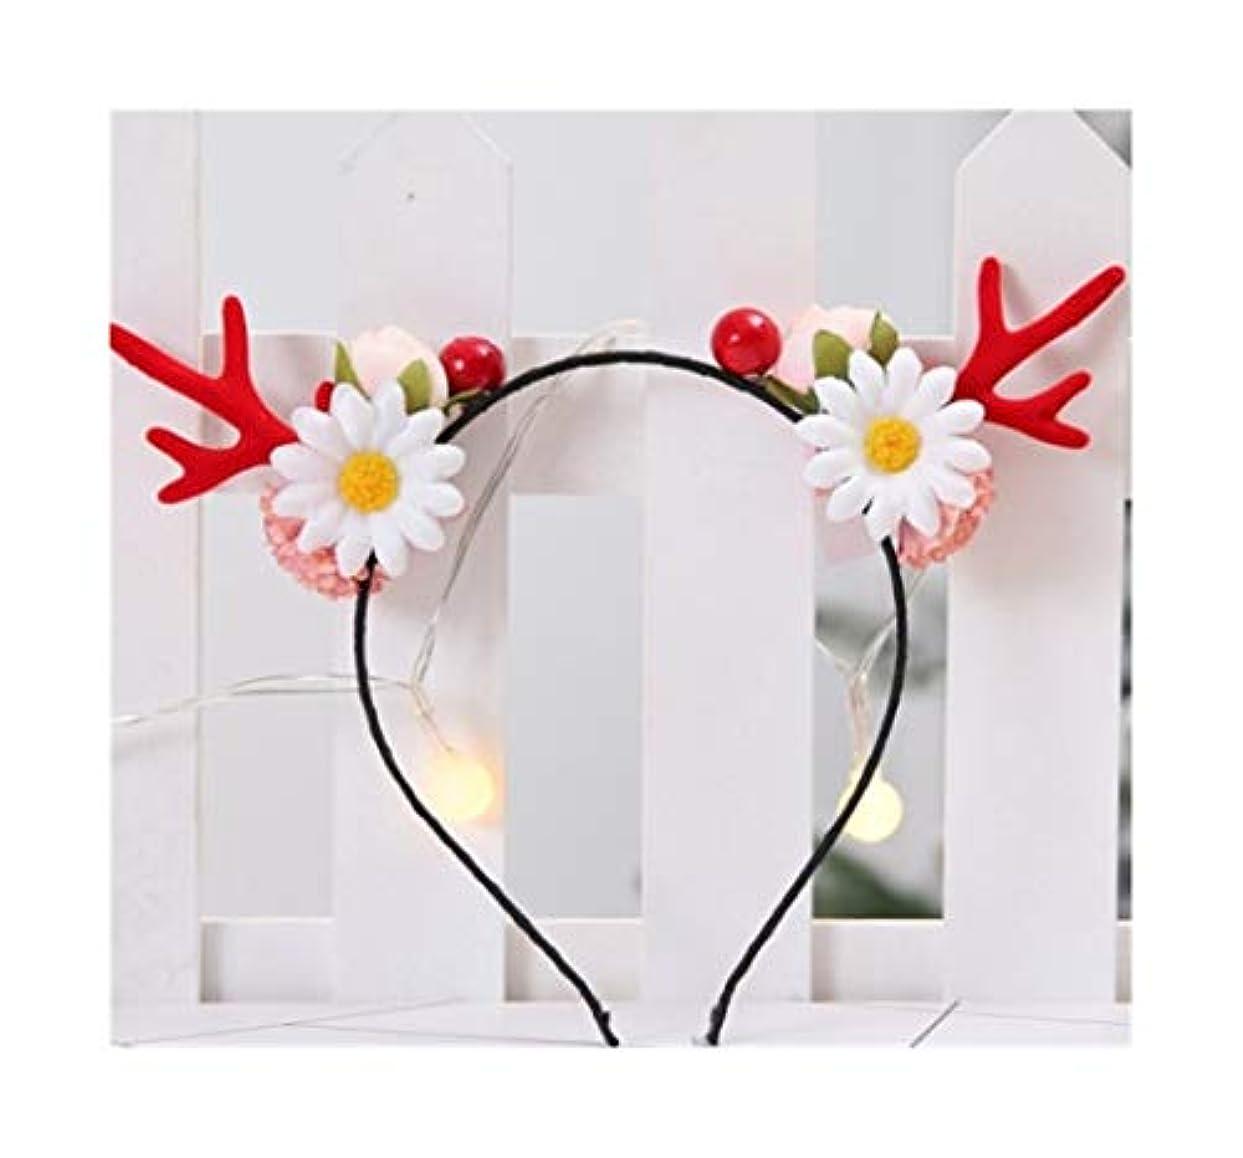 悲しいこだわりポーン同じ段落クリスマス枝角ヘアピン小さなクリップ大人面白いネット赤い髪カーソン女性のヘアアクセサリーヘラジカヘッドの装飾品赤い枝角の花のヘッドバンド